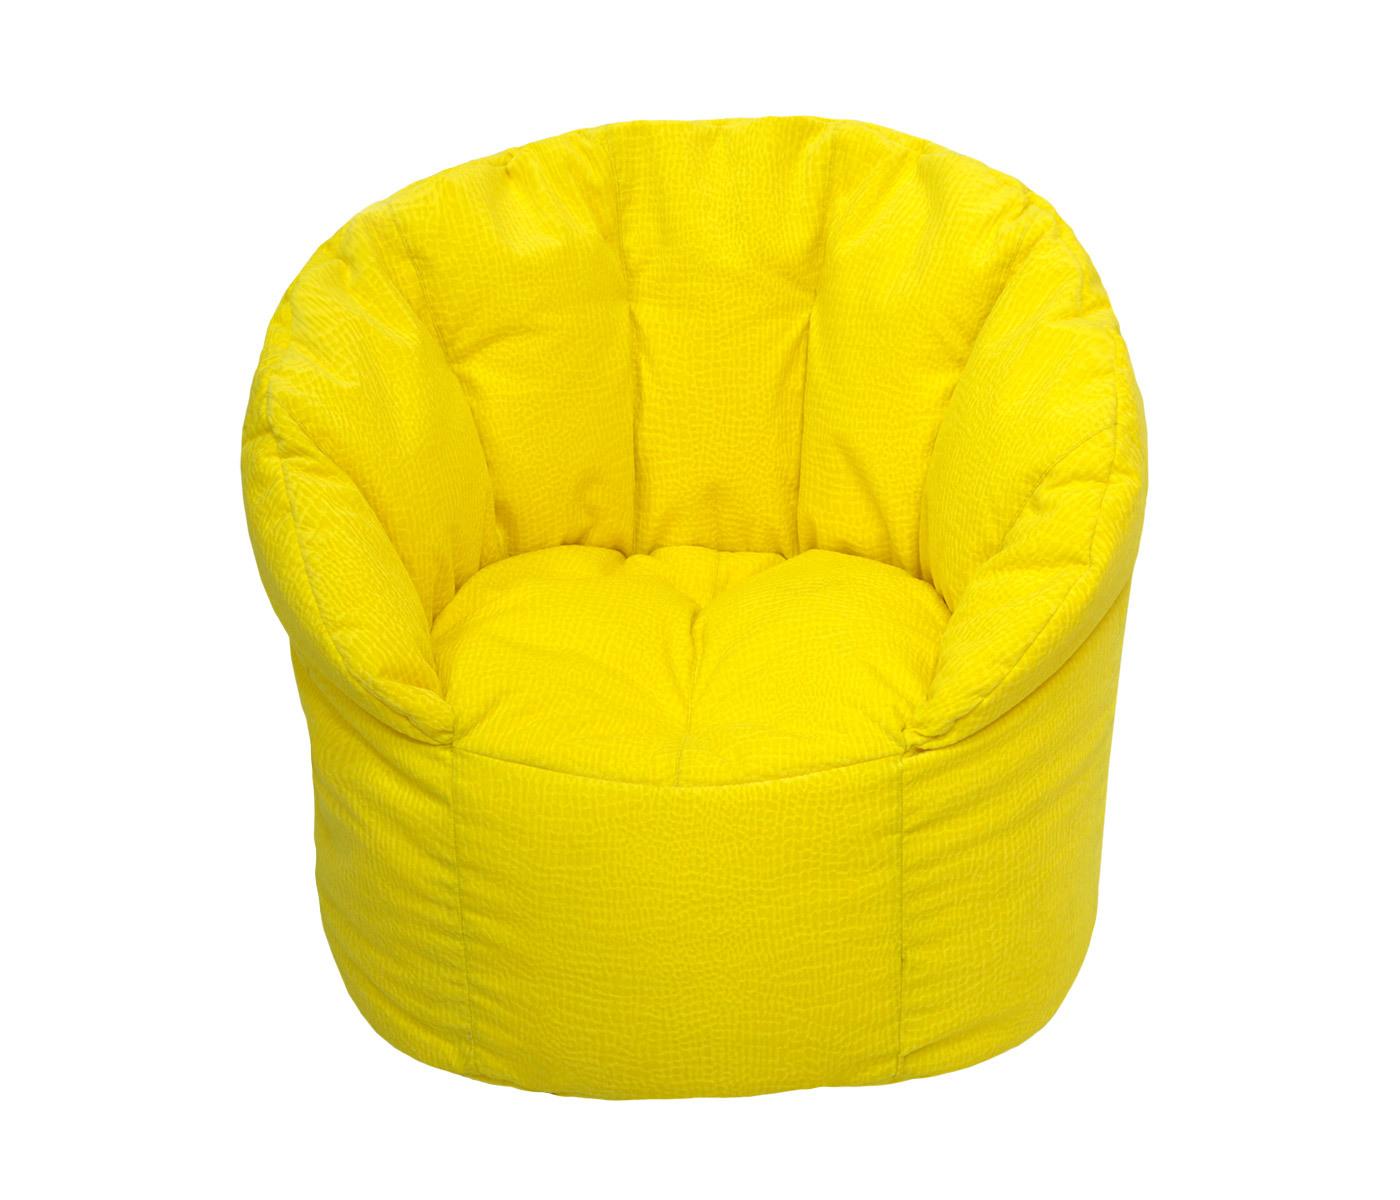 Кресло-пуф Солнечное настроениеФорменные пуфы<br>Очень комфортное и  легкое  кресло-пуф станет неотьемлемой частью вашего интерьера как дома так и на улице. Сиденье и спинка кресла великолепно поддерживают и принимают форму тела, обеспечивая комфортный отдых. Читайте книгу, общайтесь с друзьями или просто наслаждайтесь лучами летнего солнца удобно разместившись в этом кресле!  Удобное, легкое и очень жизнерадостное кресло будет просто незаменимым аксессуаром любой комнаты.<br><br>Material: Текстиль<br>Length см: None<br>Width см: 70<br>Depth см: 80<br>Height см: 70